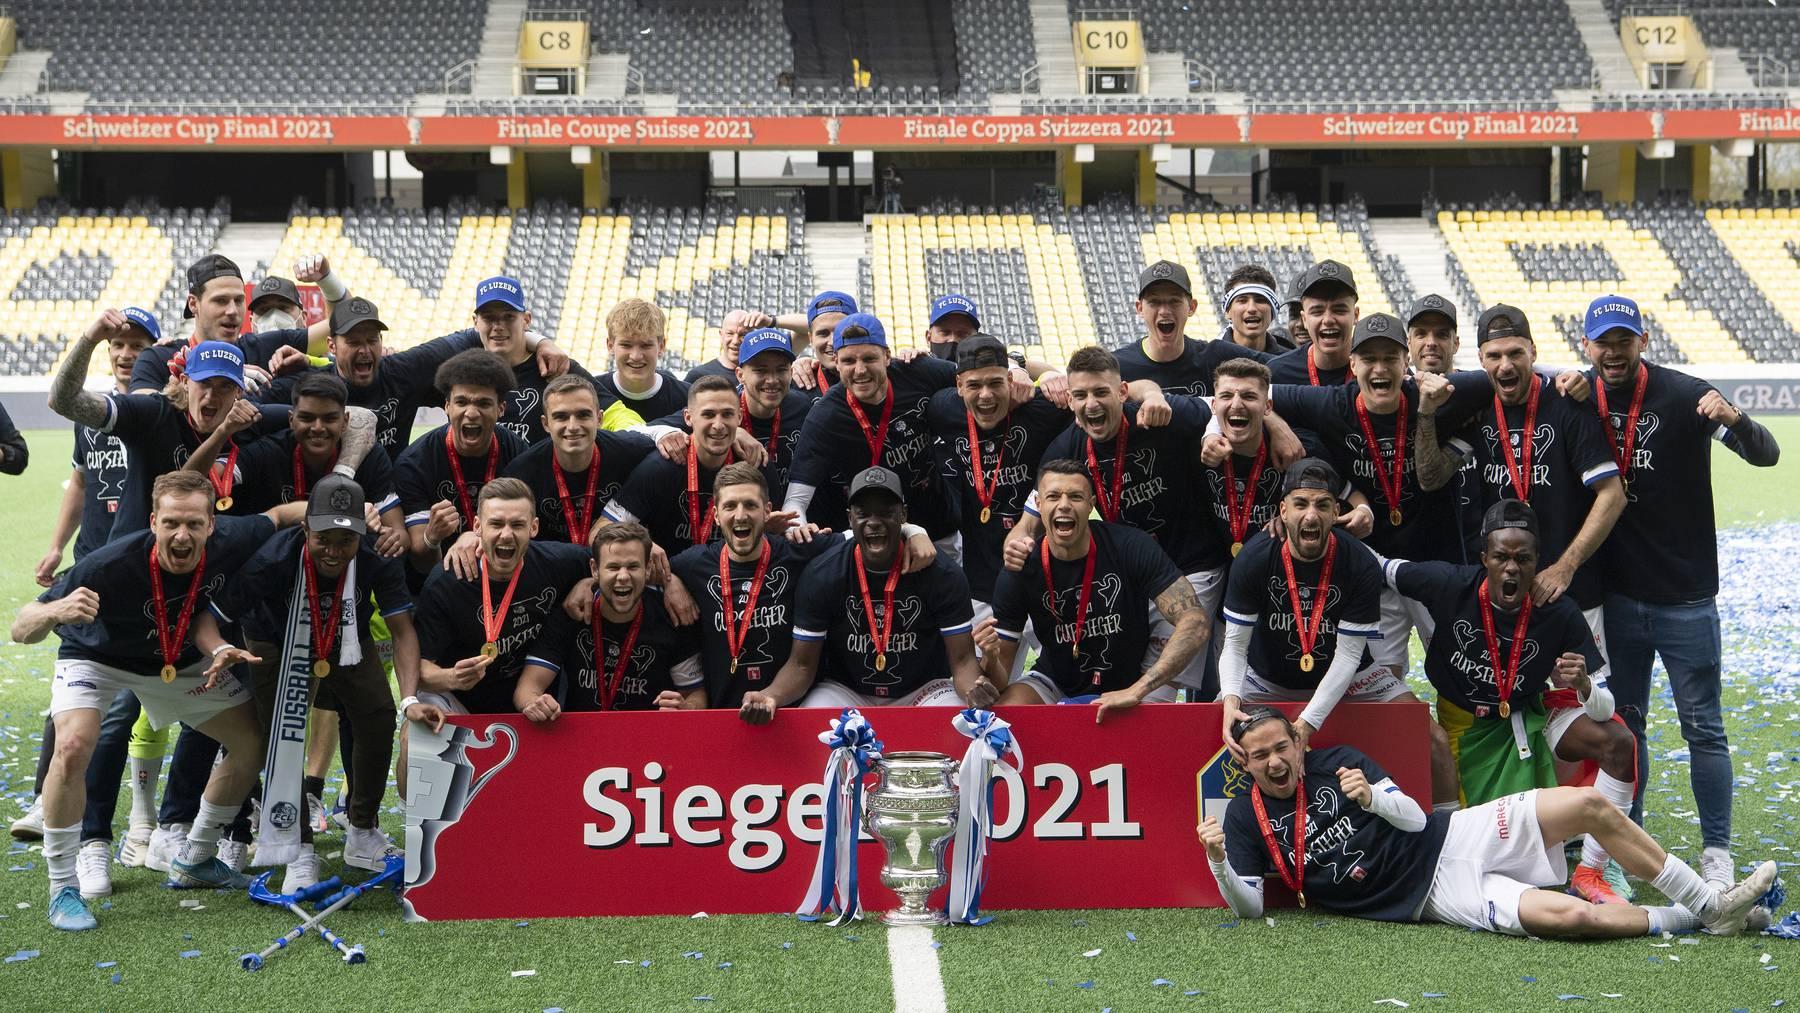 Der FC Luzern feiert den Sieg im Schweizer Fussball Cupfinal zwischen dem FC St. Gallen und dem FC Luzern, am Pfingstmontag, 24. Mai 2021, im Stadion Wankdorf in Bern.